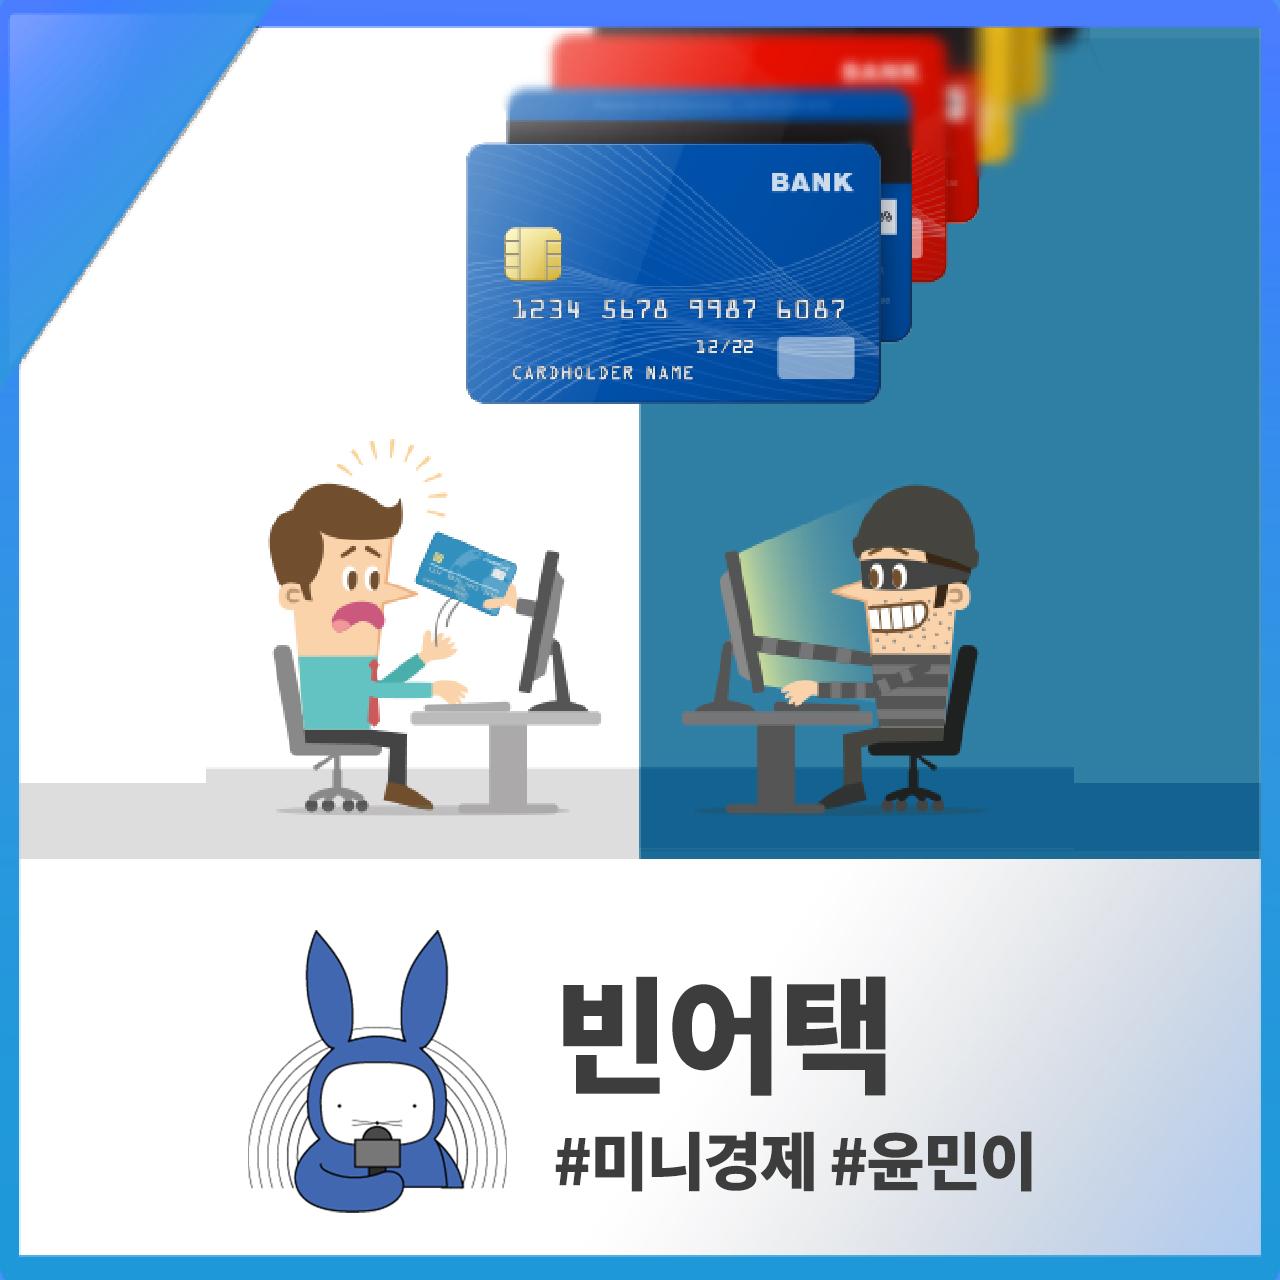 [오디오래빗] 신용카드 번호 털기 …#빈어택주의보